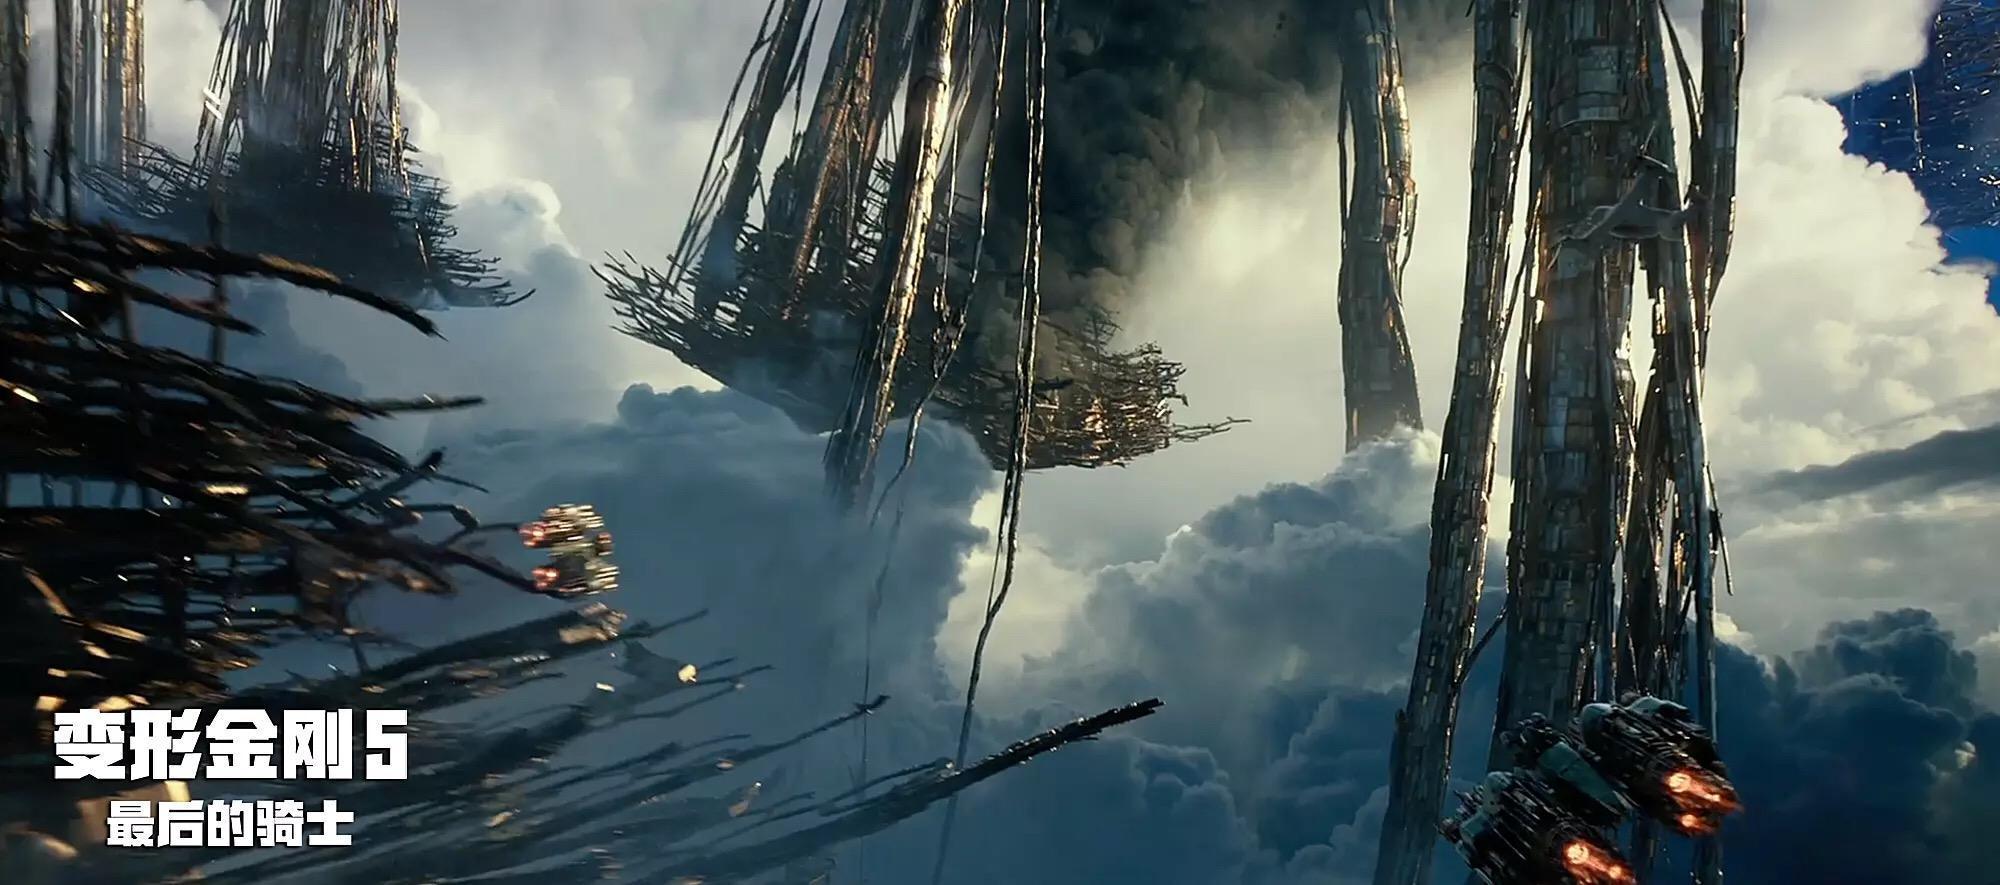 再曝最新《变形金刚5:最后的骑士》imax 3d海报剧照 威震天霸气威武